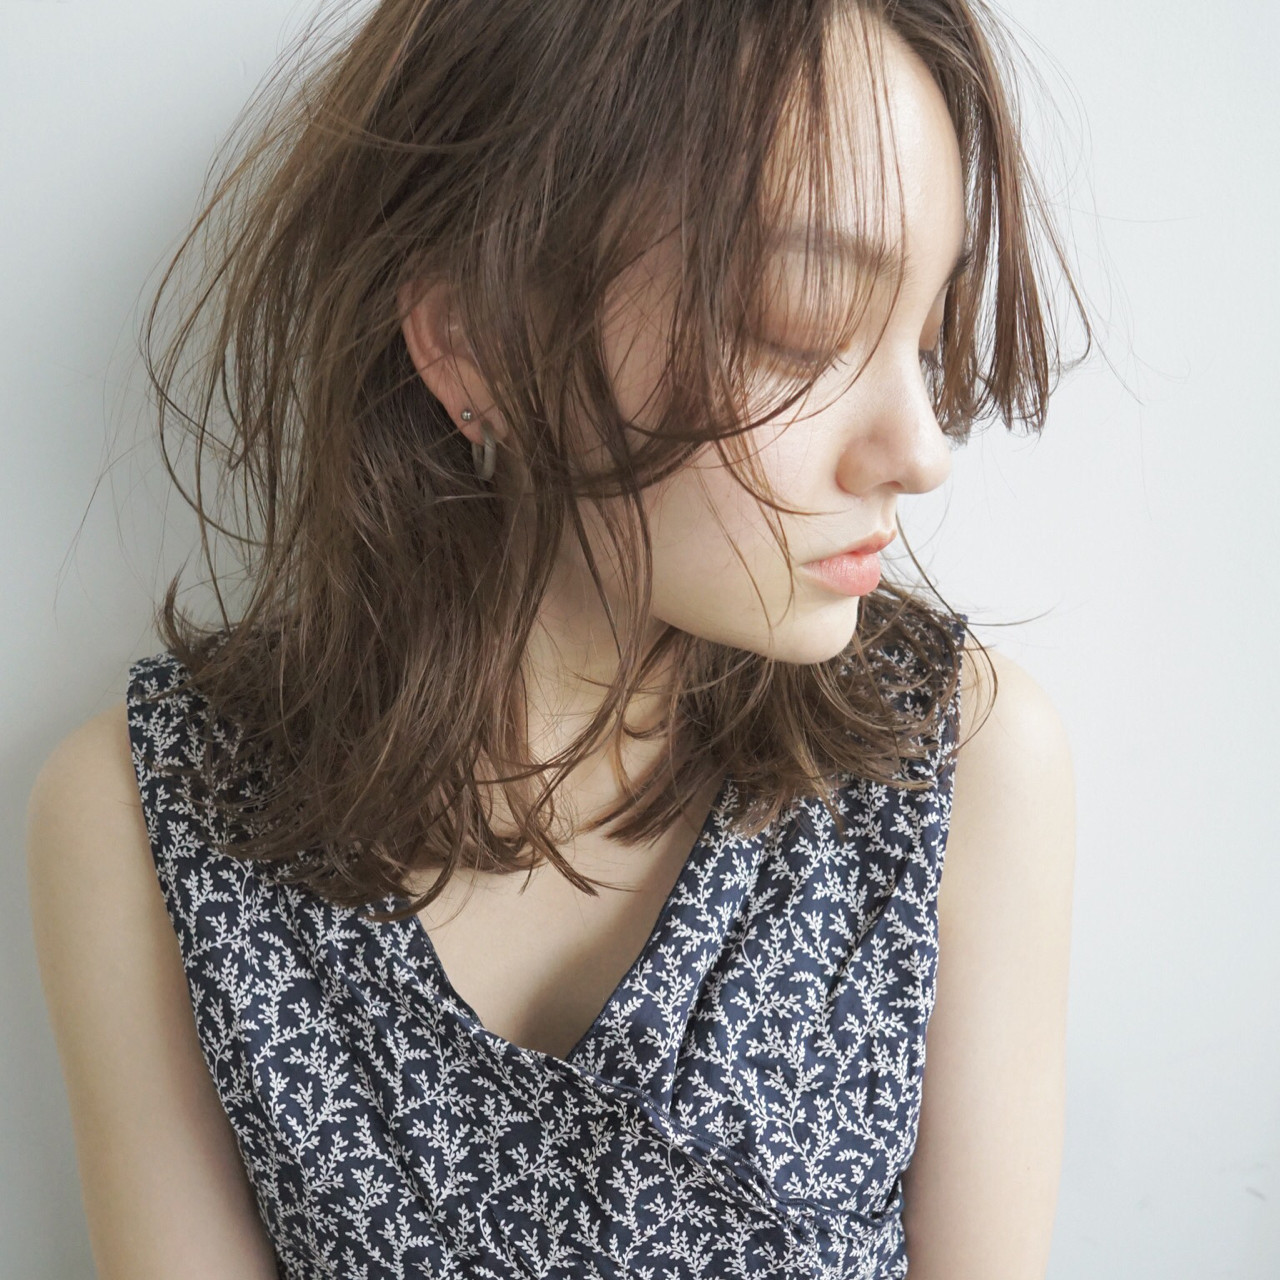 くせ毛風パーマに合うのは透け感のあるヘアカラー UEKI/nanuk | nanuk二子玉川